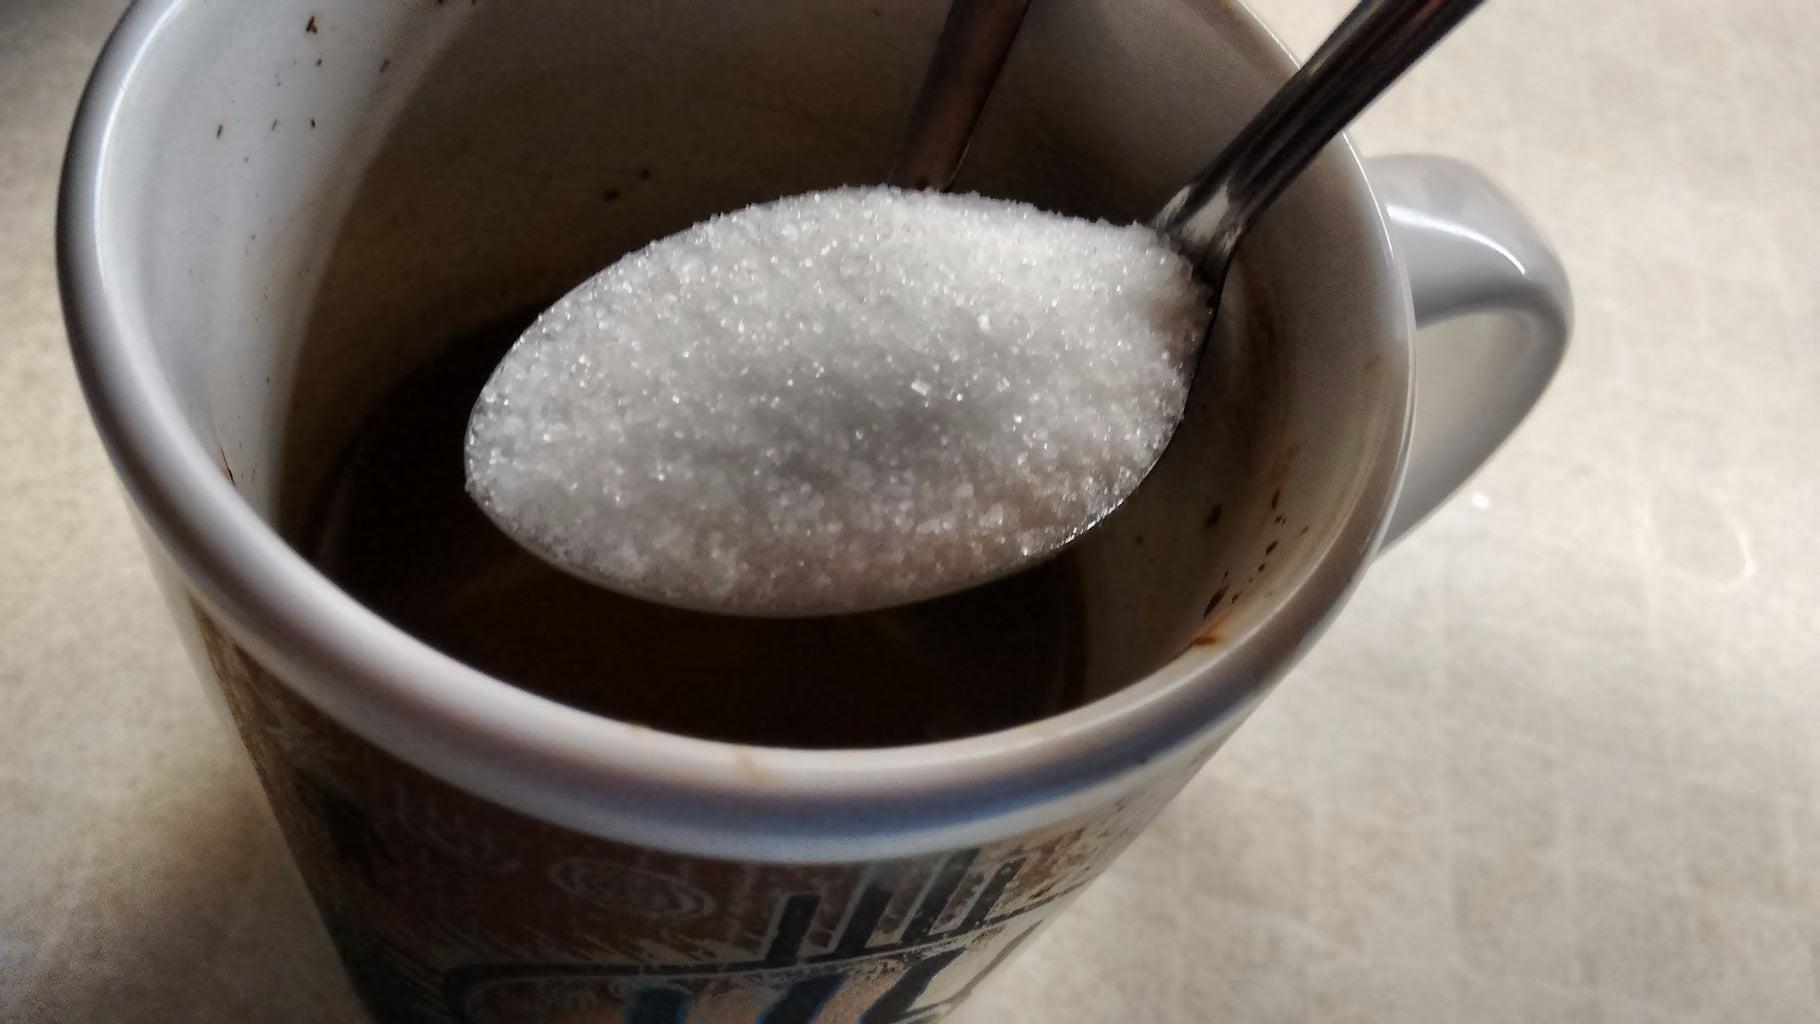 Add Sugar, Chocolate Square and Creamer